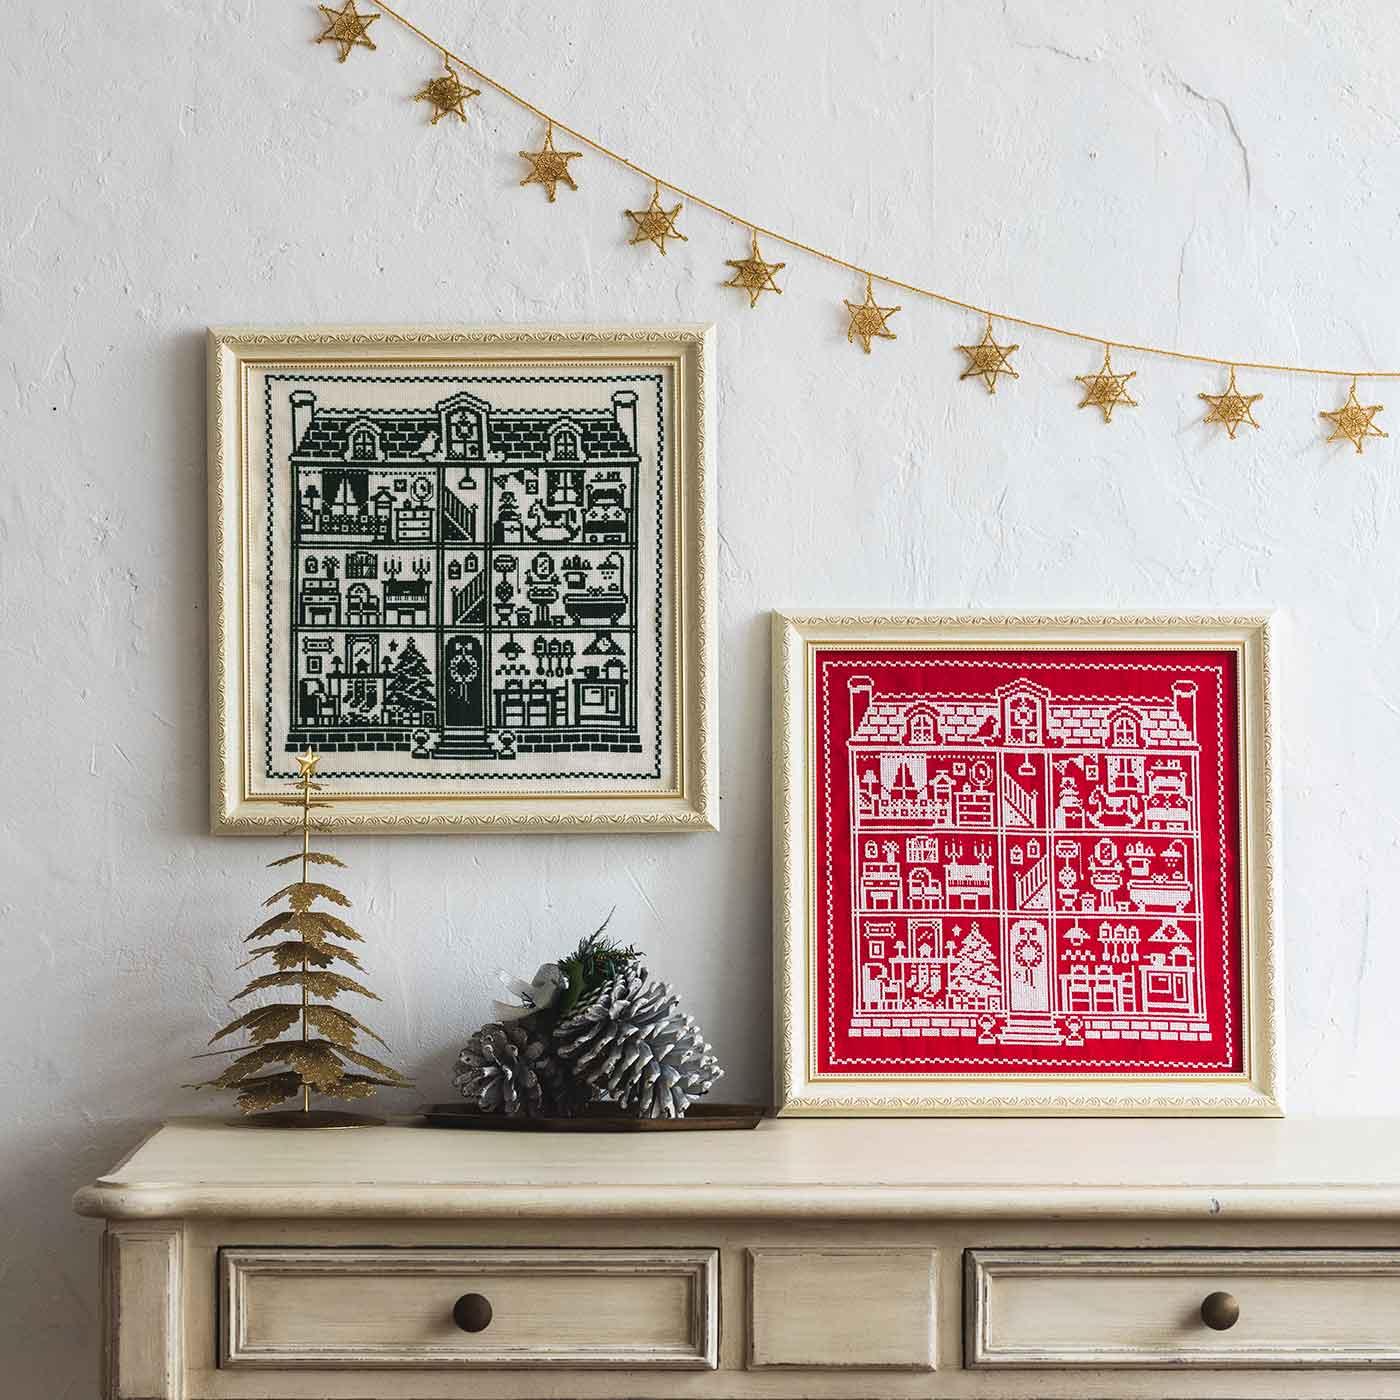 クリスマスがもっと待ち遠しくなる 夢のドールハウス クロスステッチキット